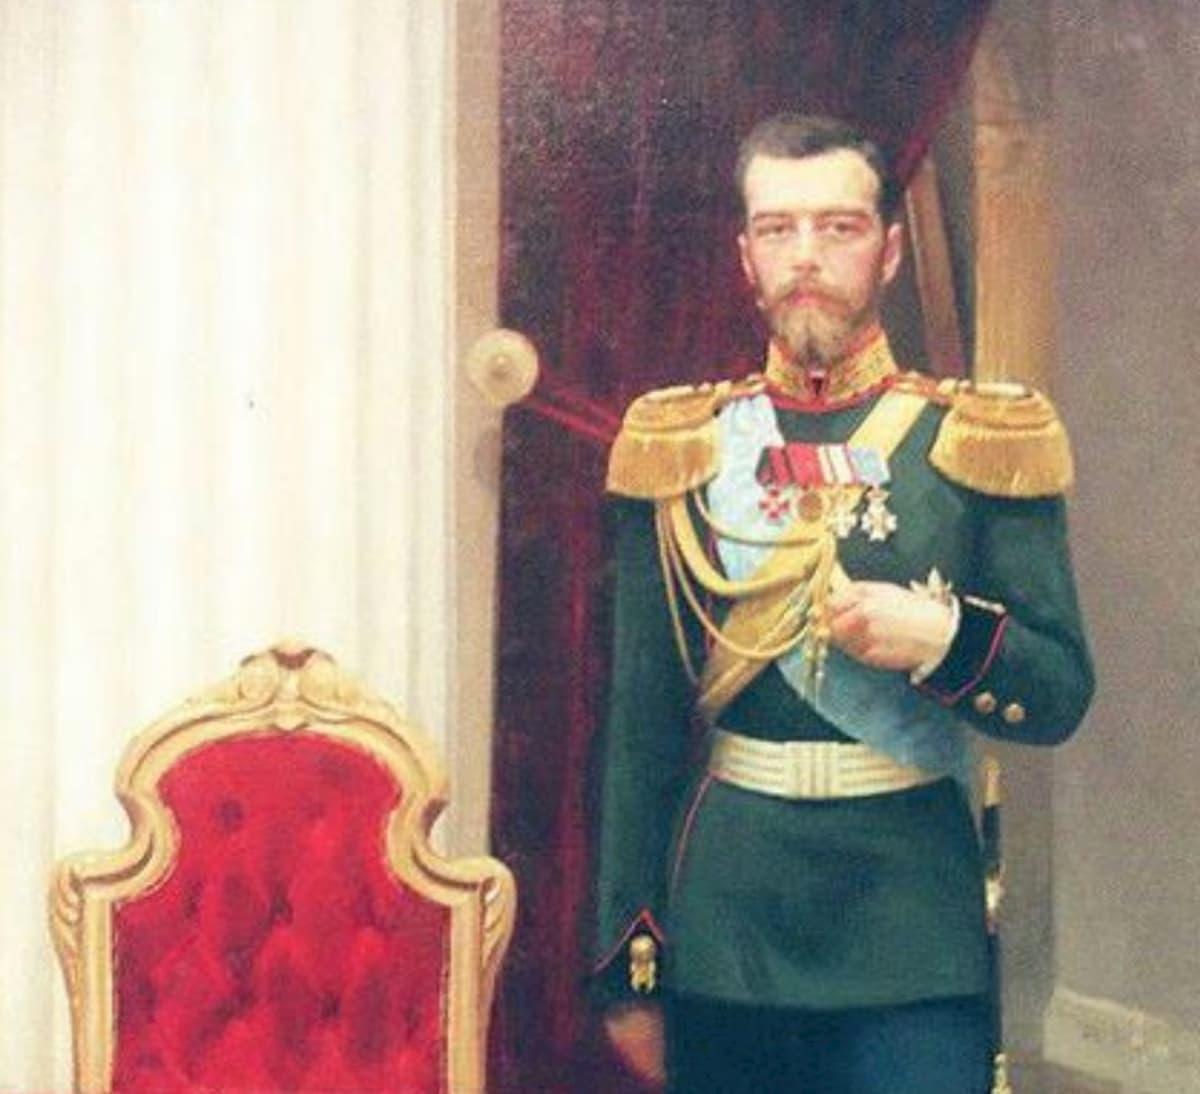 Sono di due figli dello zar Romanov Nicola II i resti umani trovati nei boschi di Ekaterinburg, in Russia